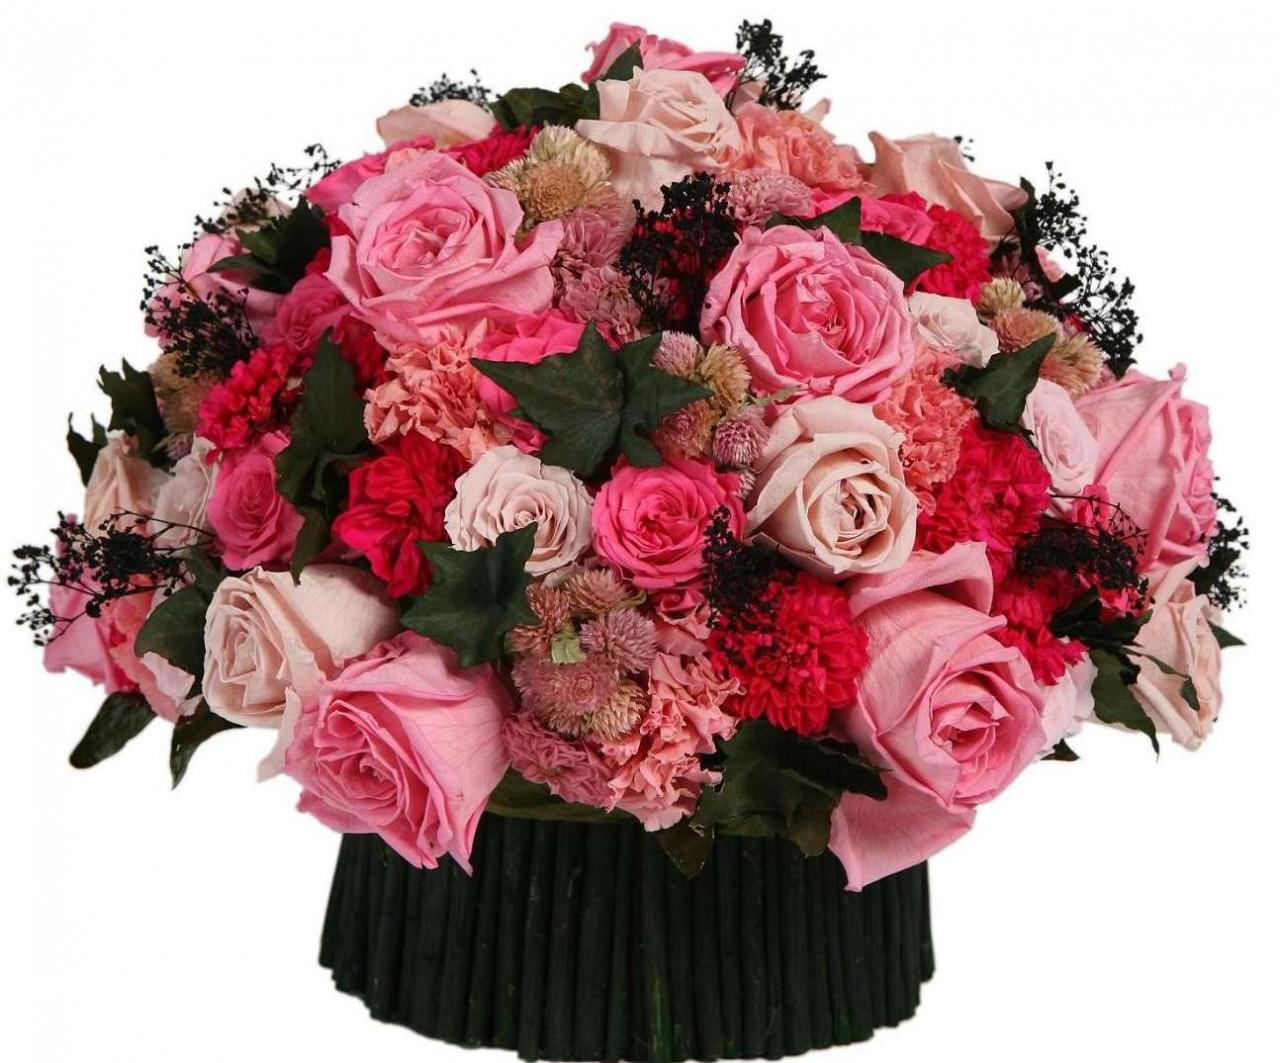 Открытки для, открытка цветы букет с днем рождения